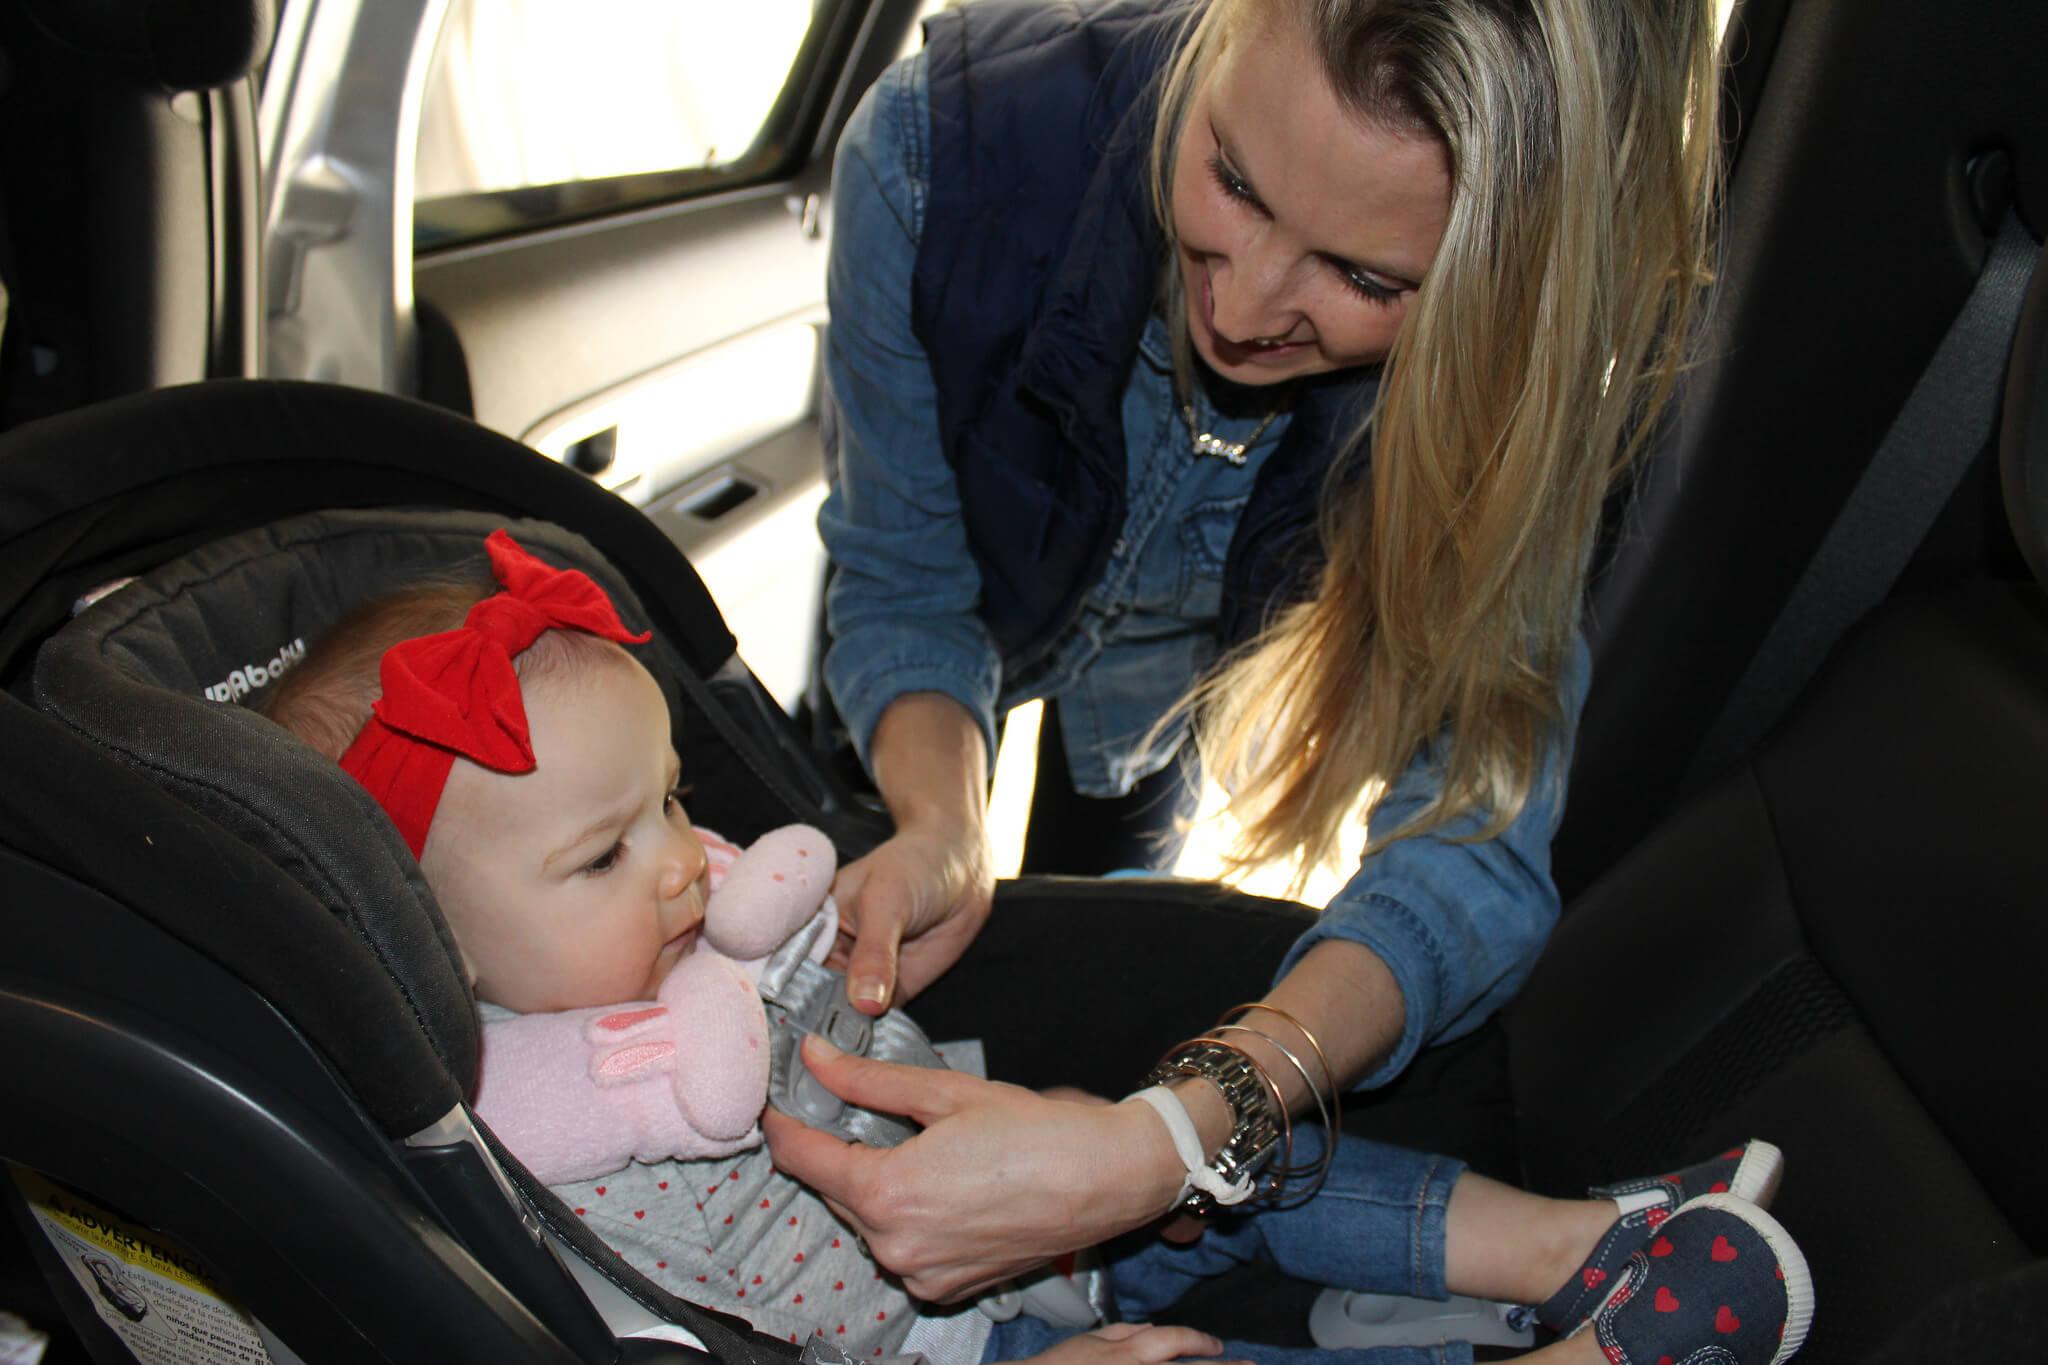 La ce riscuri mortale ne supunem copiii atunci când nu utilizăm scaunul de mașină?